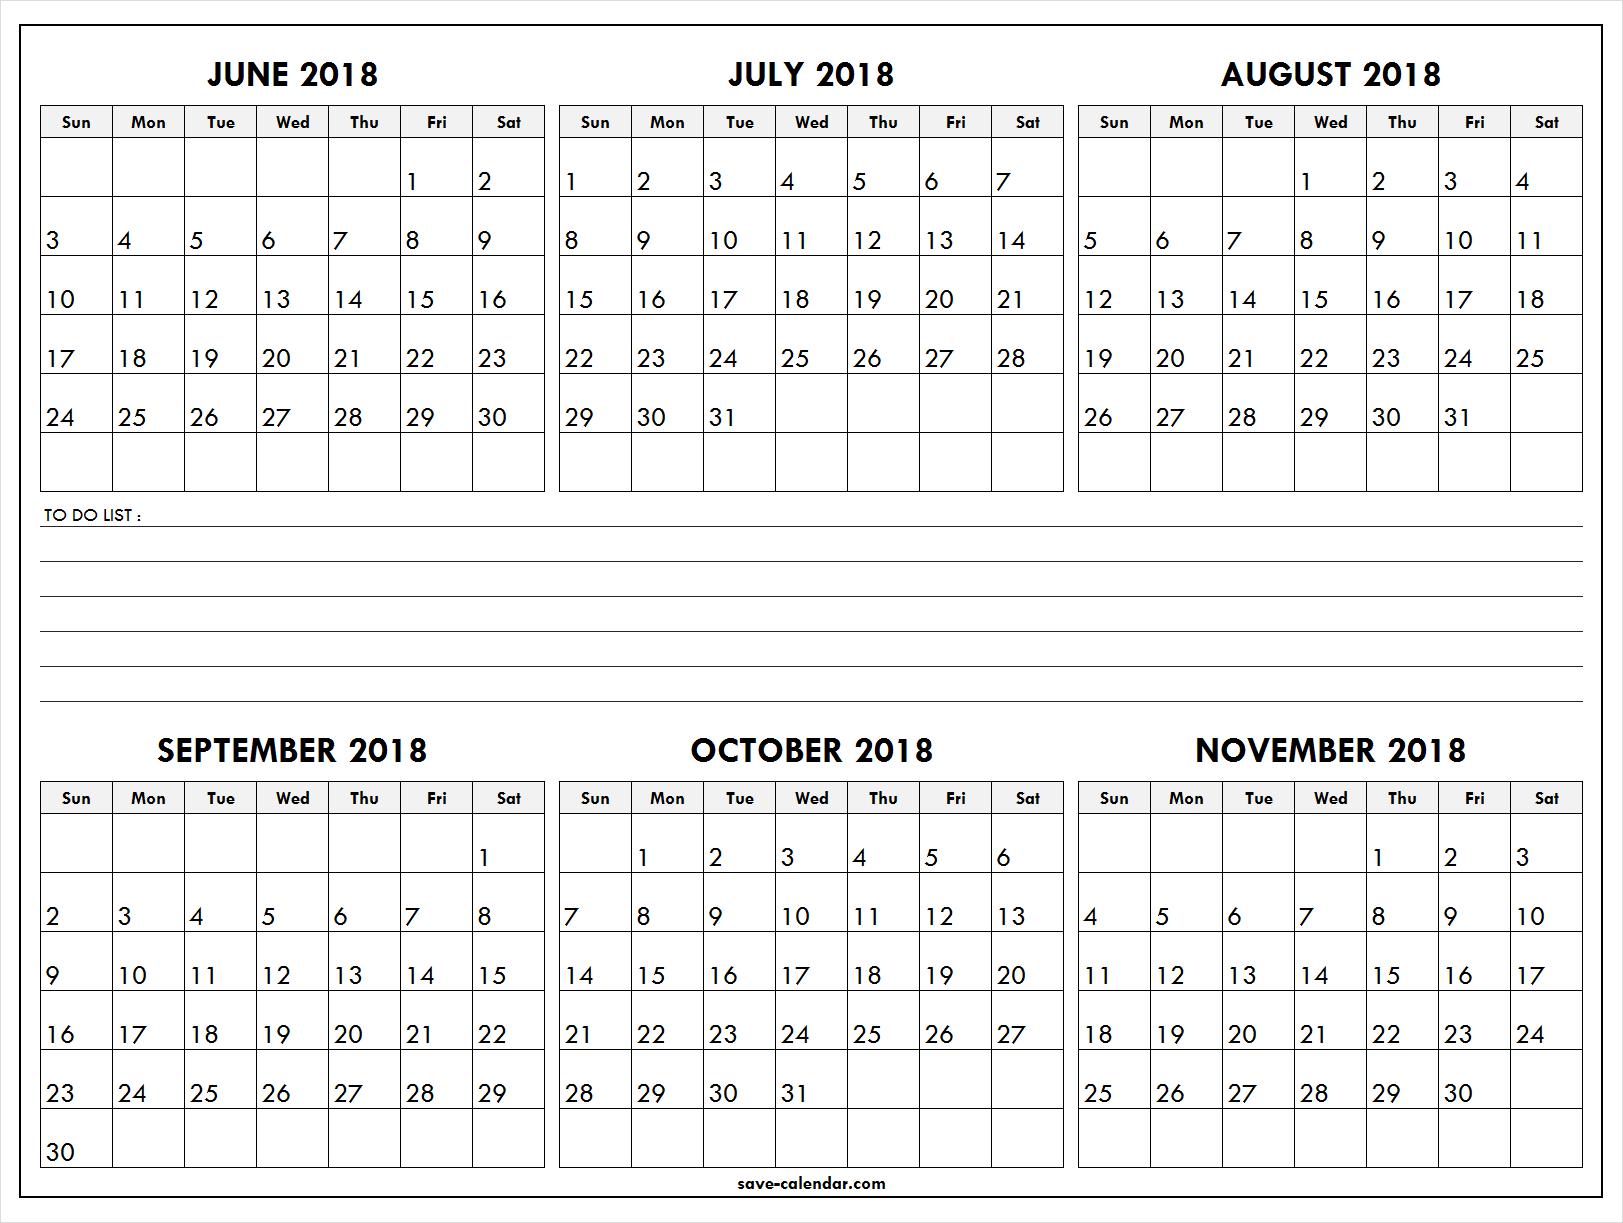 Six month calendar june to november 2018 2018 calendar pinterest six month calendar june to november 2018 maxwellsz